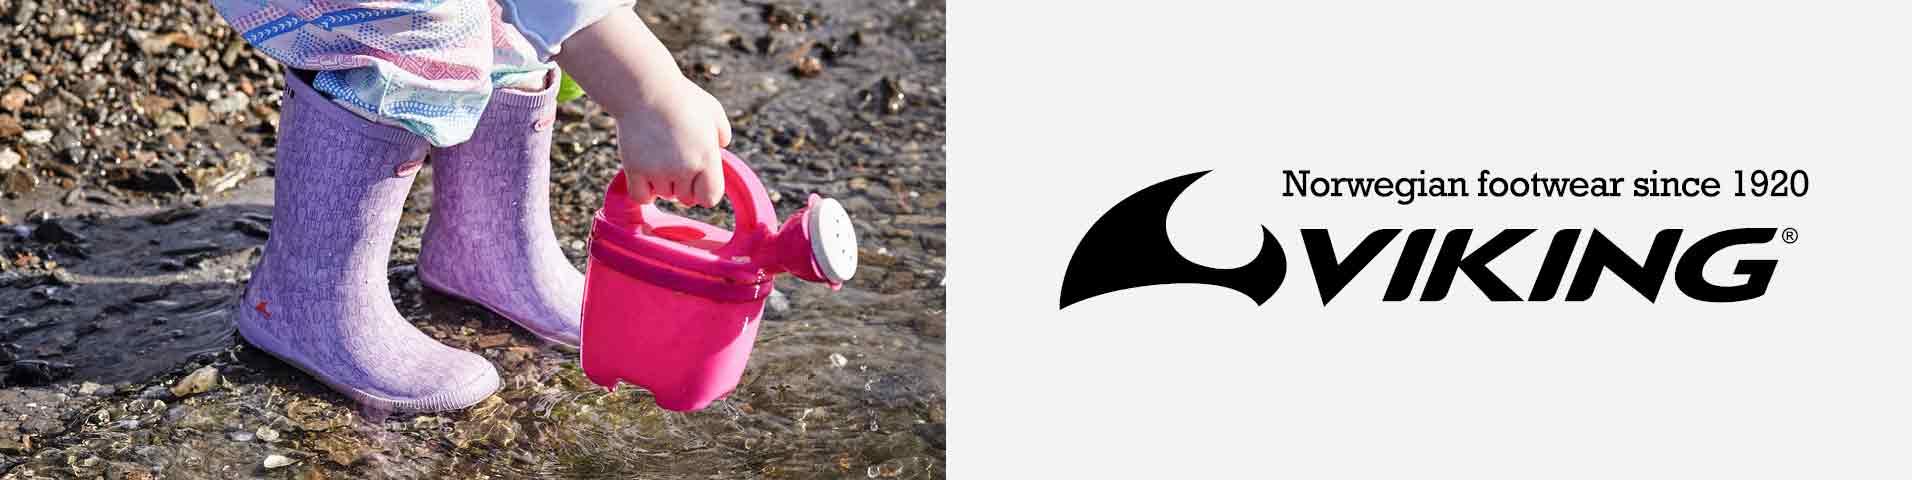 Lasten alennetut Viking kengät netistä  056029f665